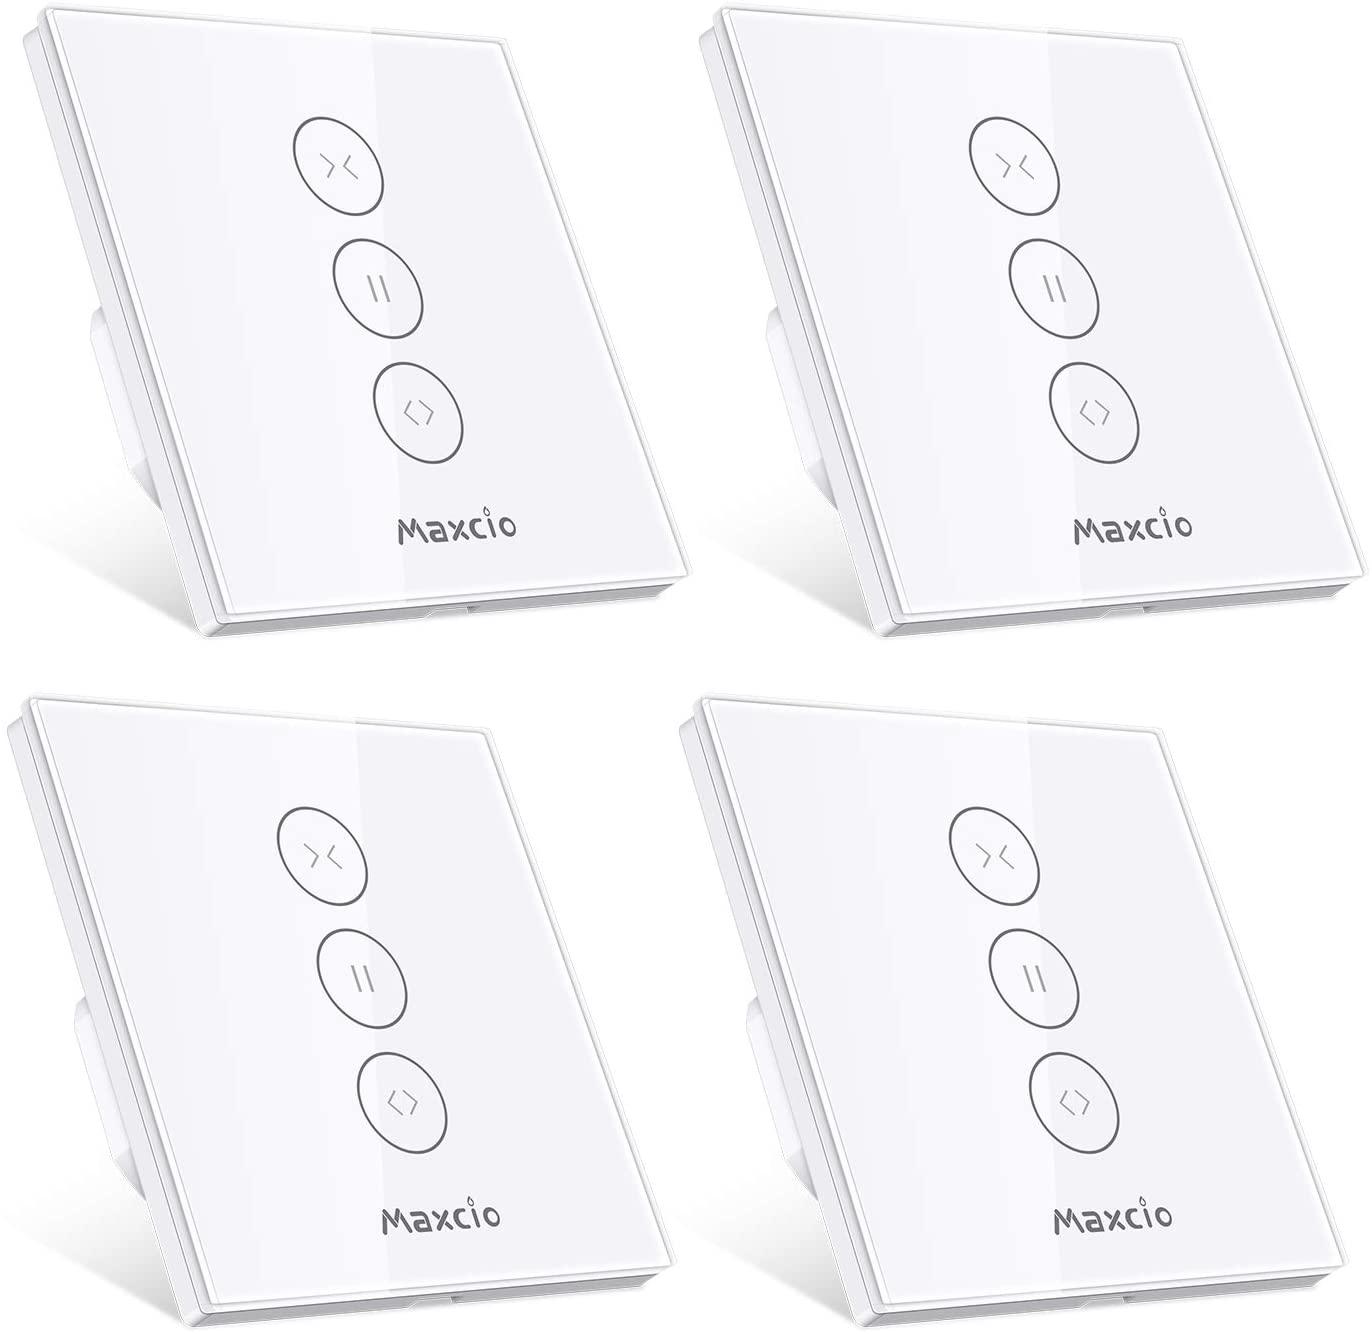 [Prime] Lot de 4 Interrupteurs Connectés Maxcio pour Volets Roulants - WiFi, Compatibles Alexa (Vendeur Tiers)